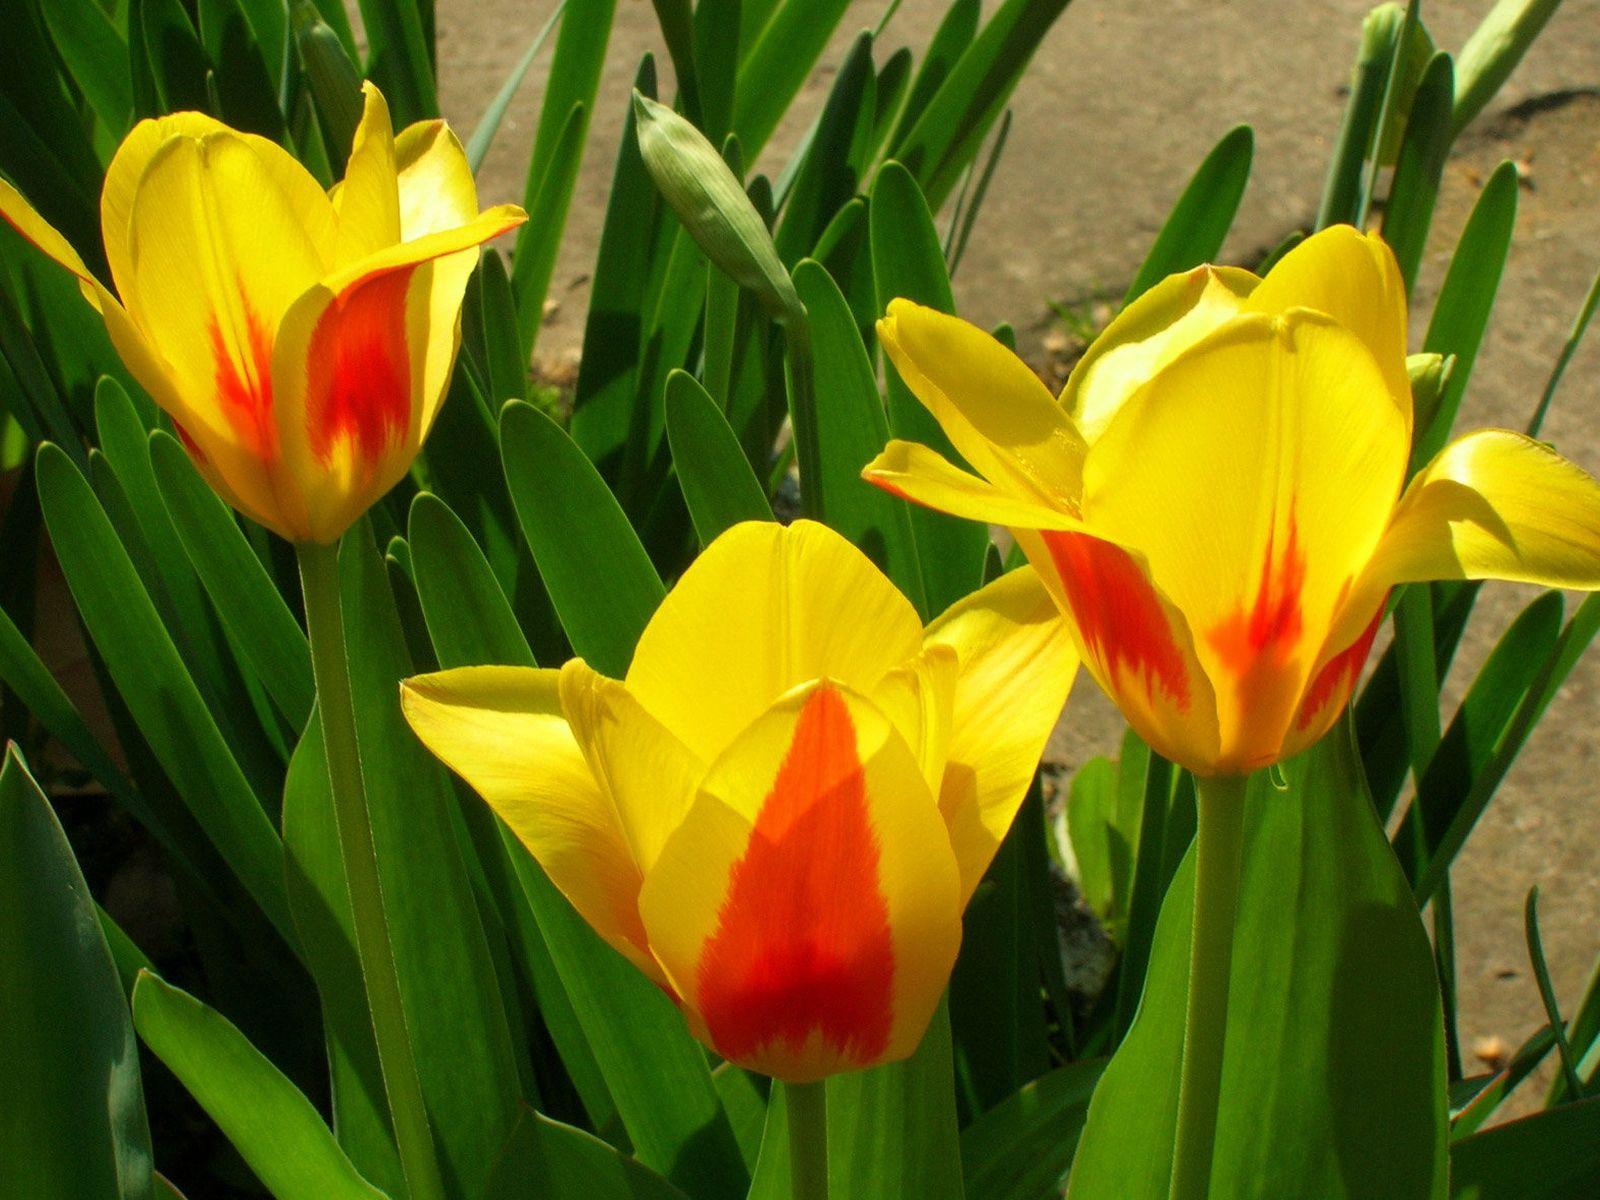 91478 descargar fondo de pantalla Flores, Jaspeado, Moteado, Disuelto, Suelto, Verduras, Cama De Flores, Parterre, Tulipanes: protectores de pantalla e imágenes gratis